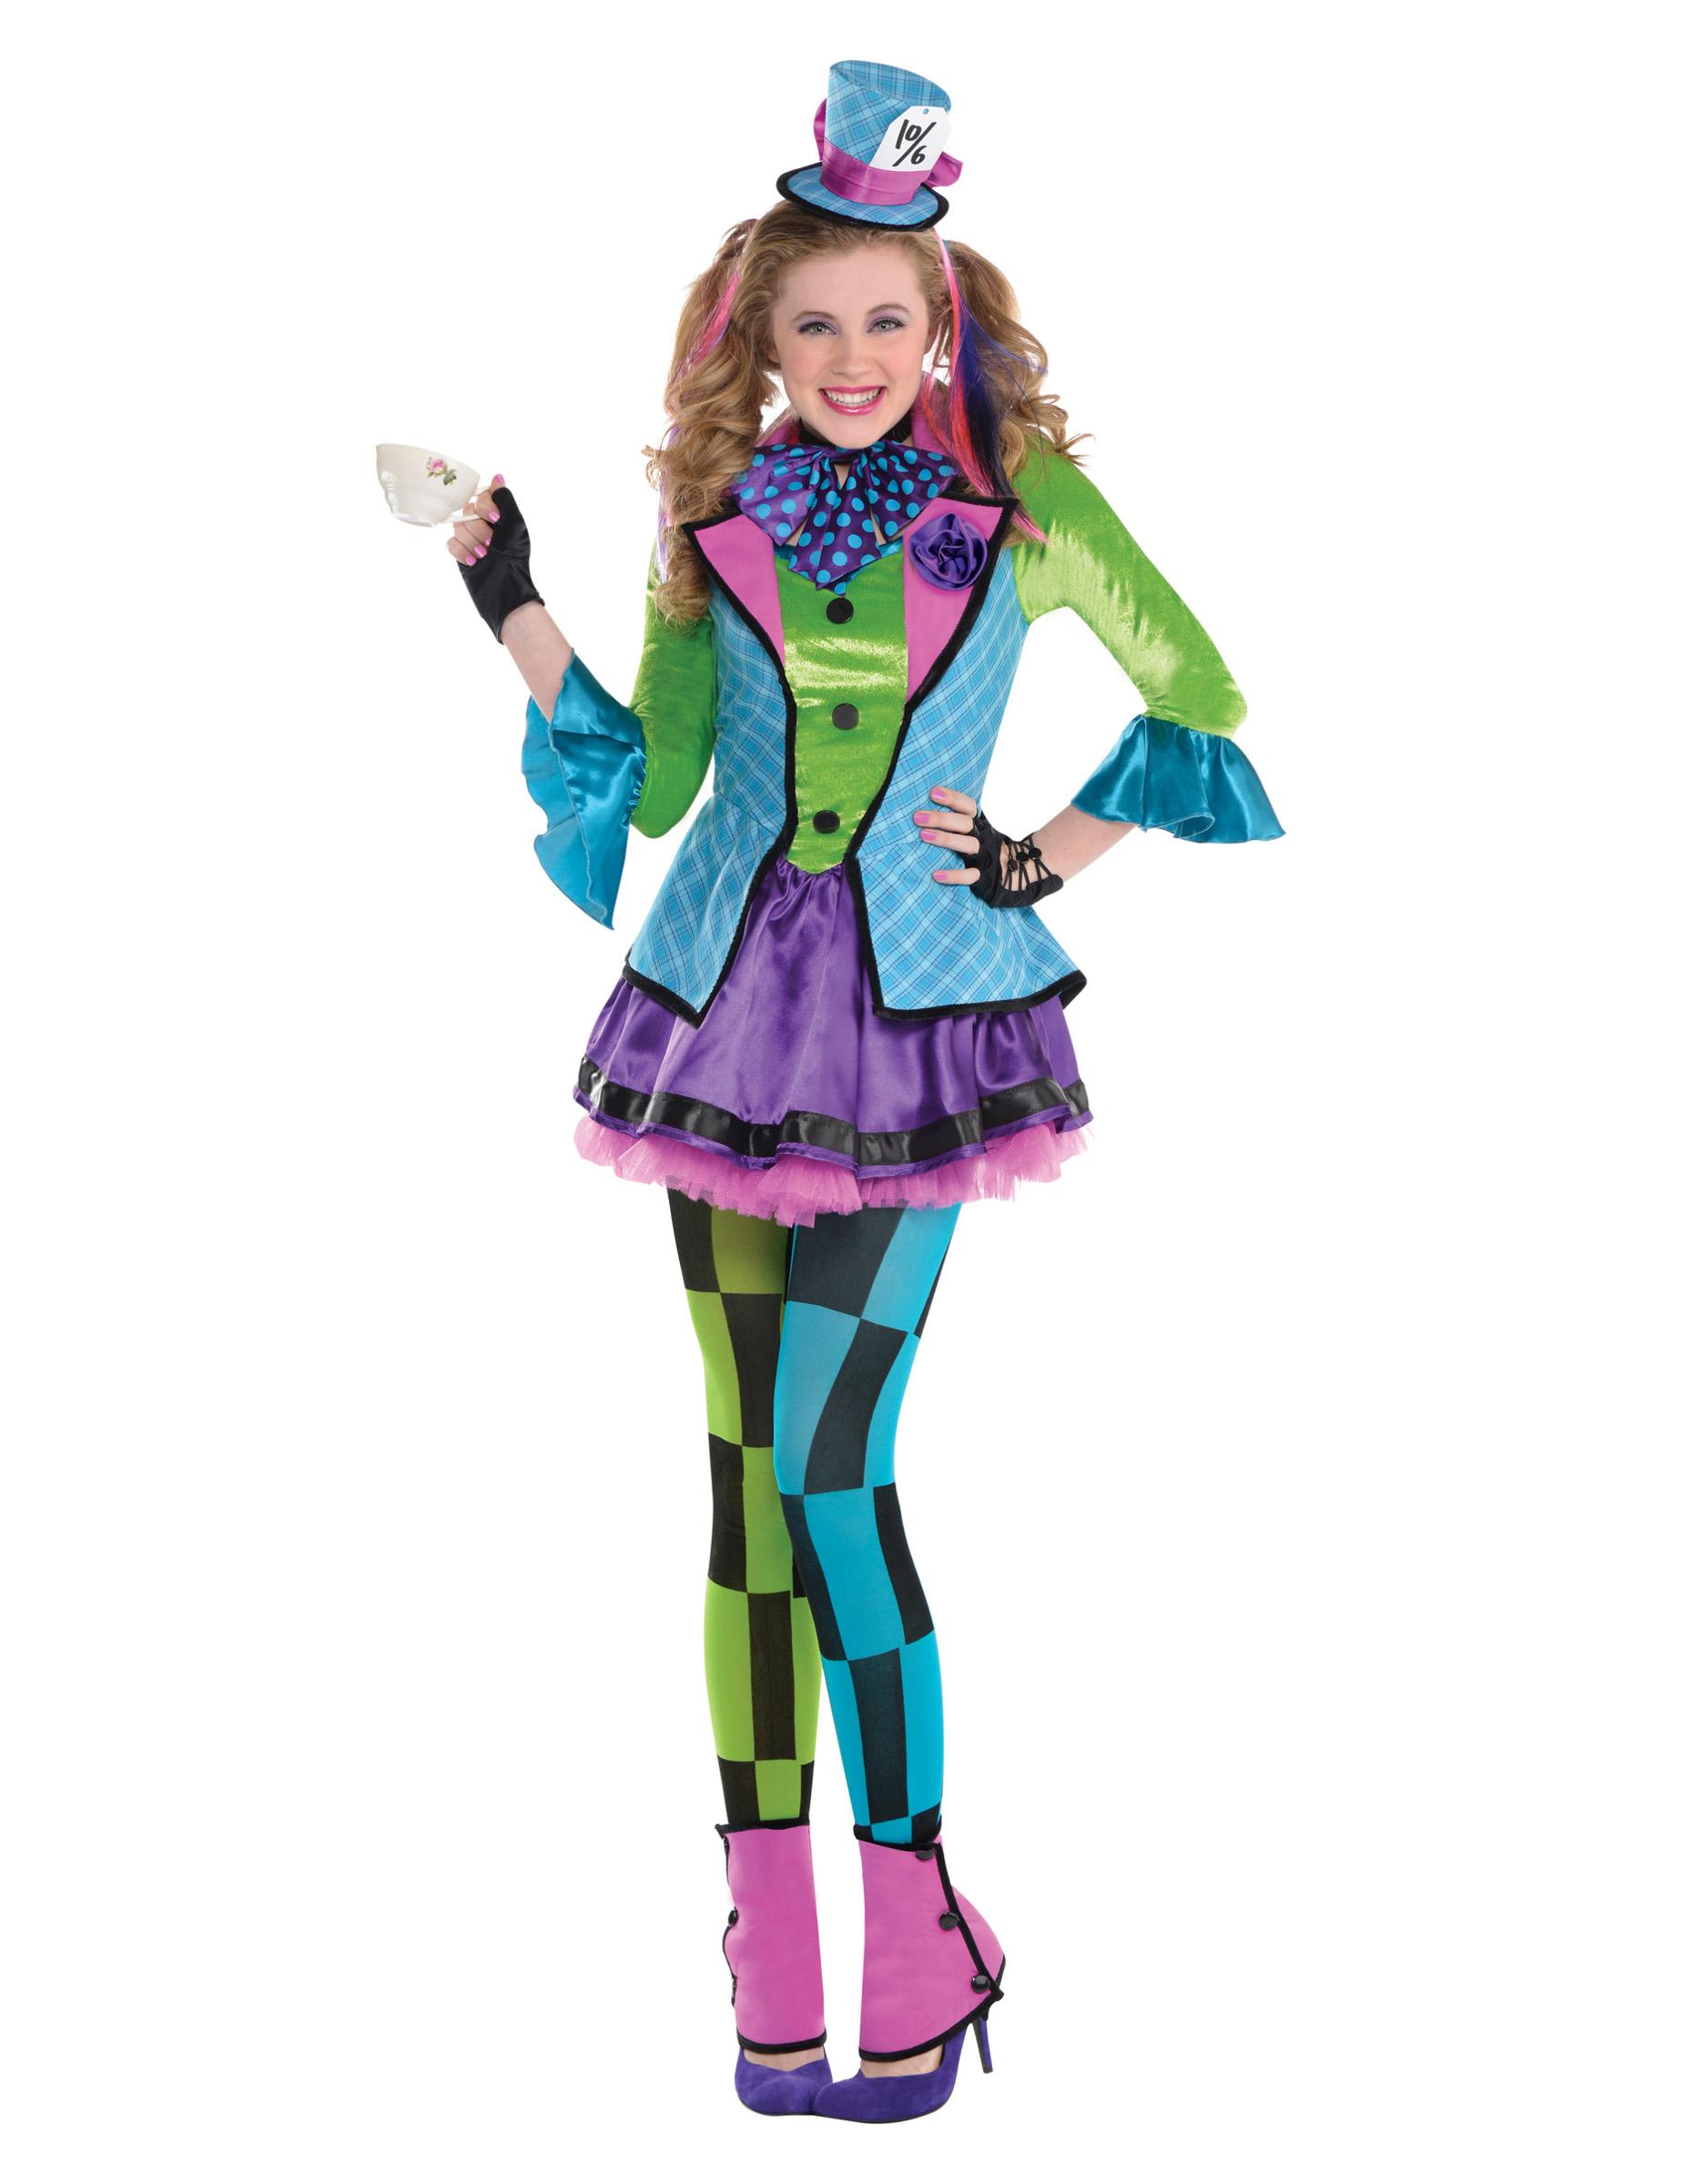 Hutmacherin Fur Teenager Clown Kostum Bunt Kostume Fur Kinder Und